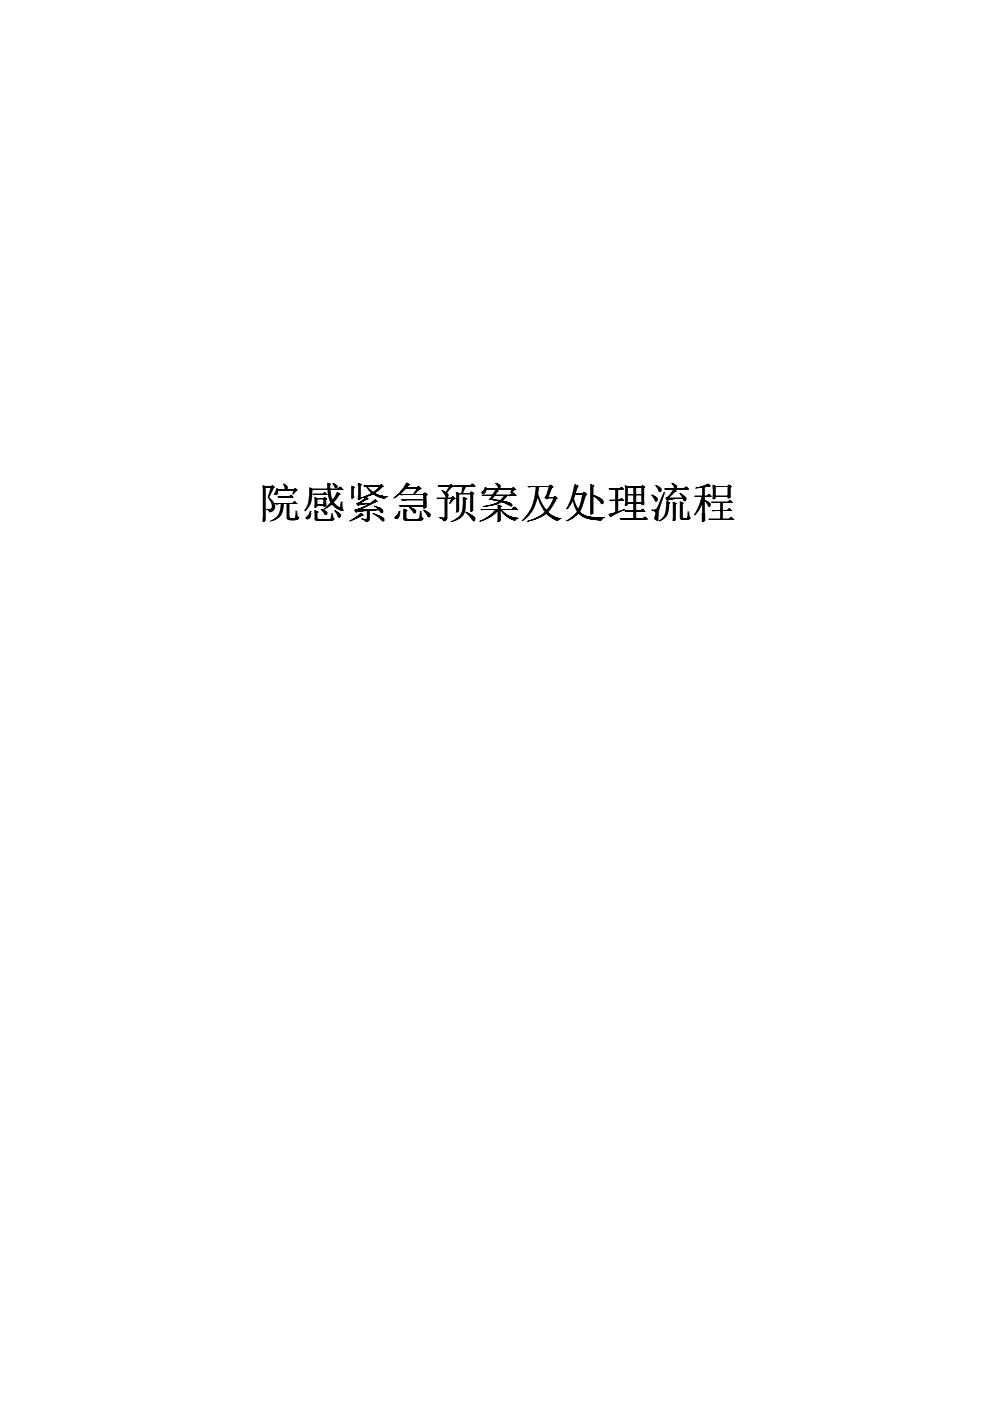 院感紧急预案及流程.docx王董建筑设计图片